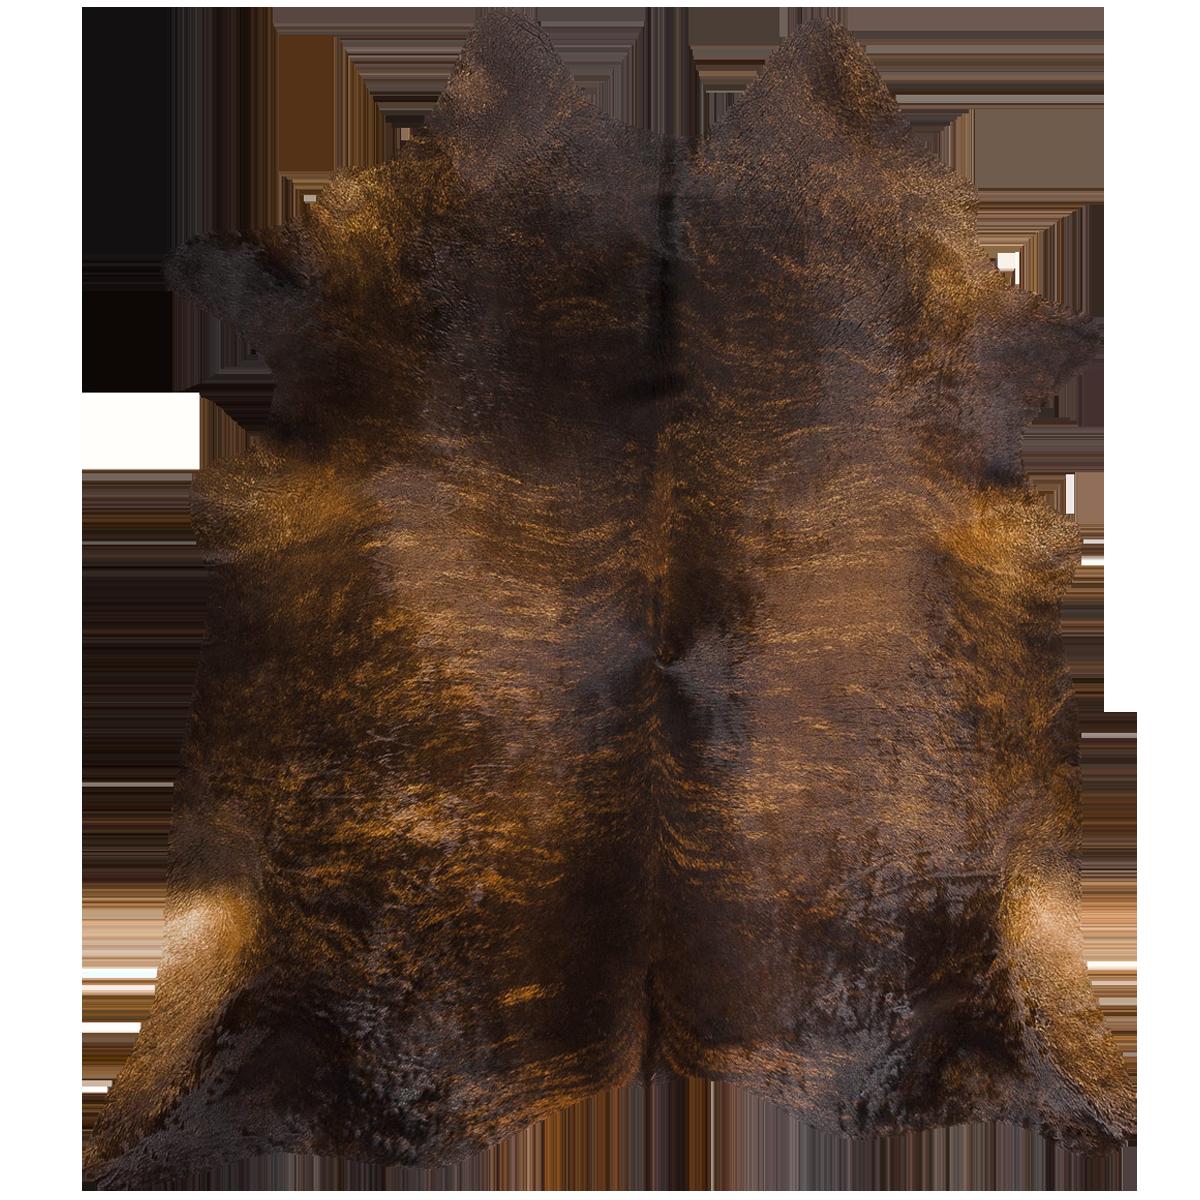 Dark Brindle Cowhide Full Sized hide